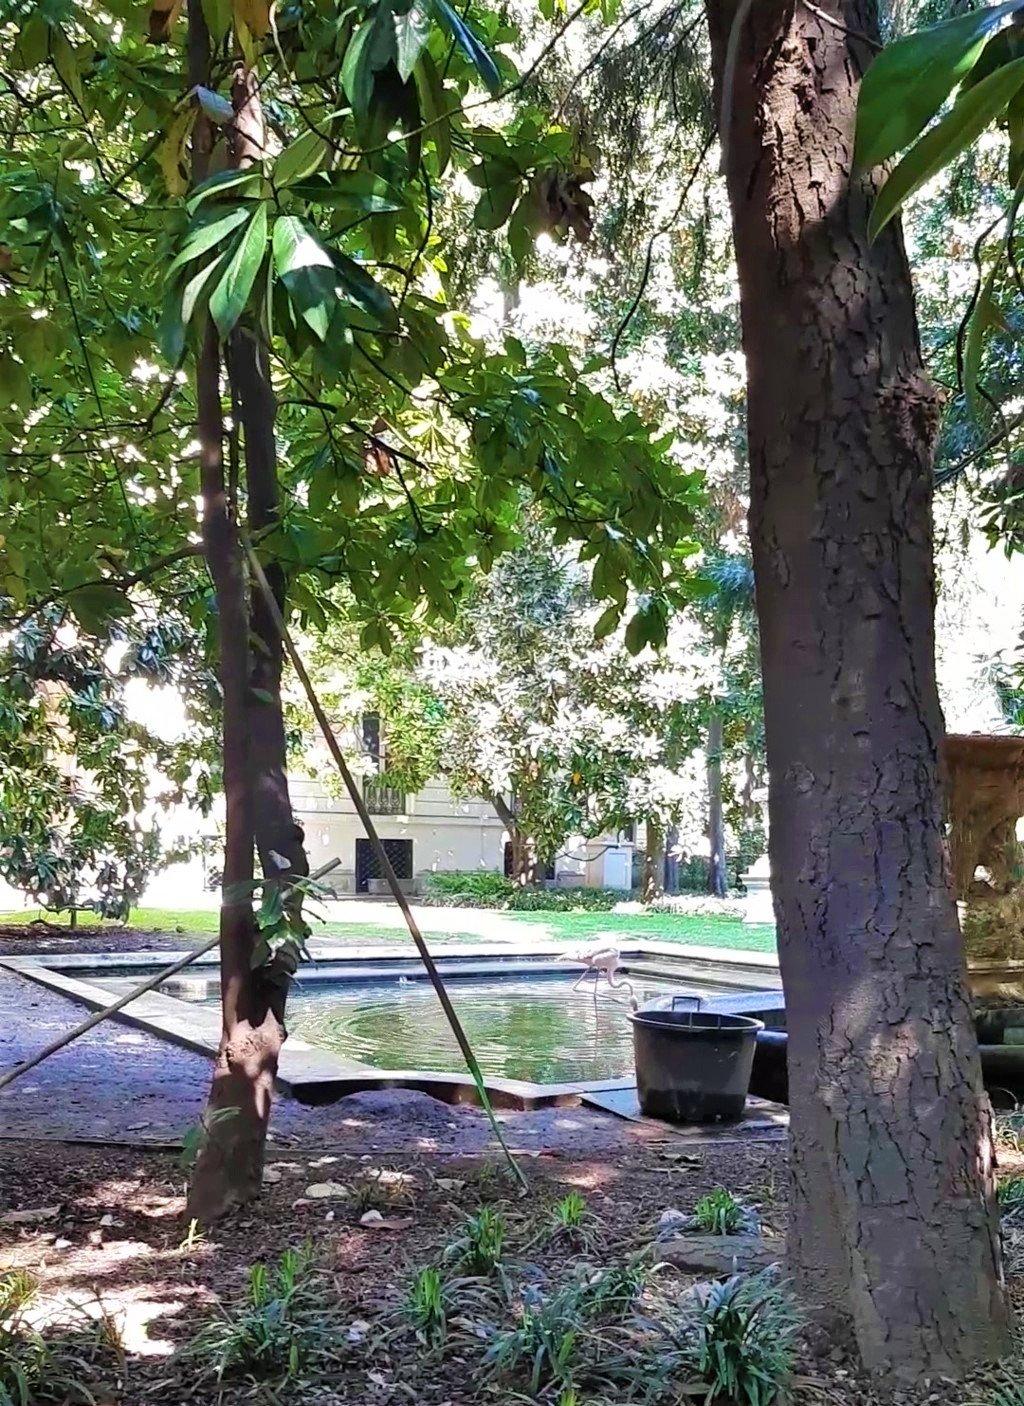 I fenicotteri rosa nel giardino di Villa Invernizzi a Milano